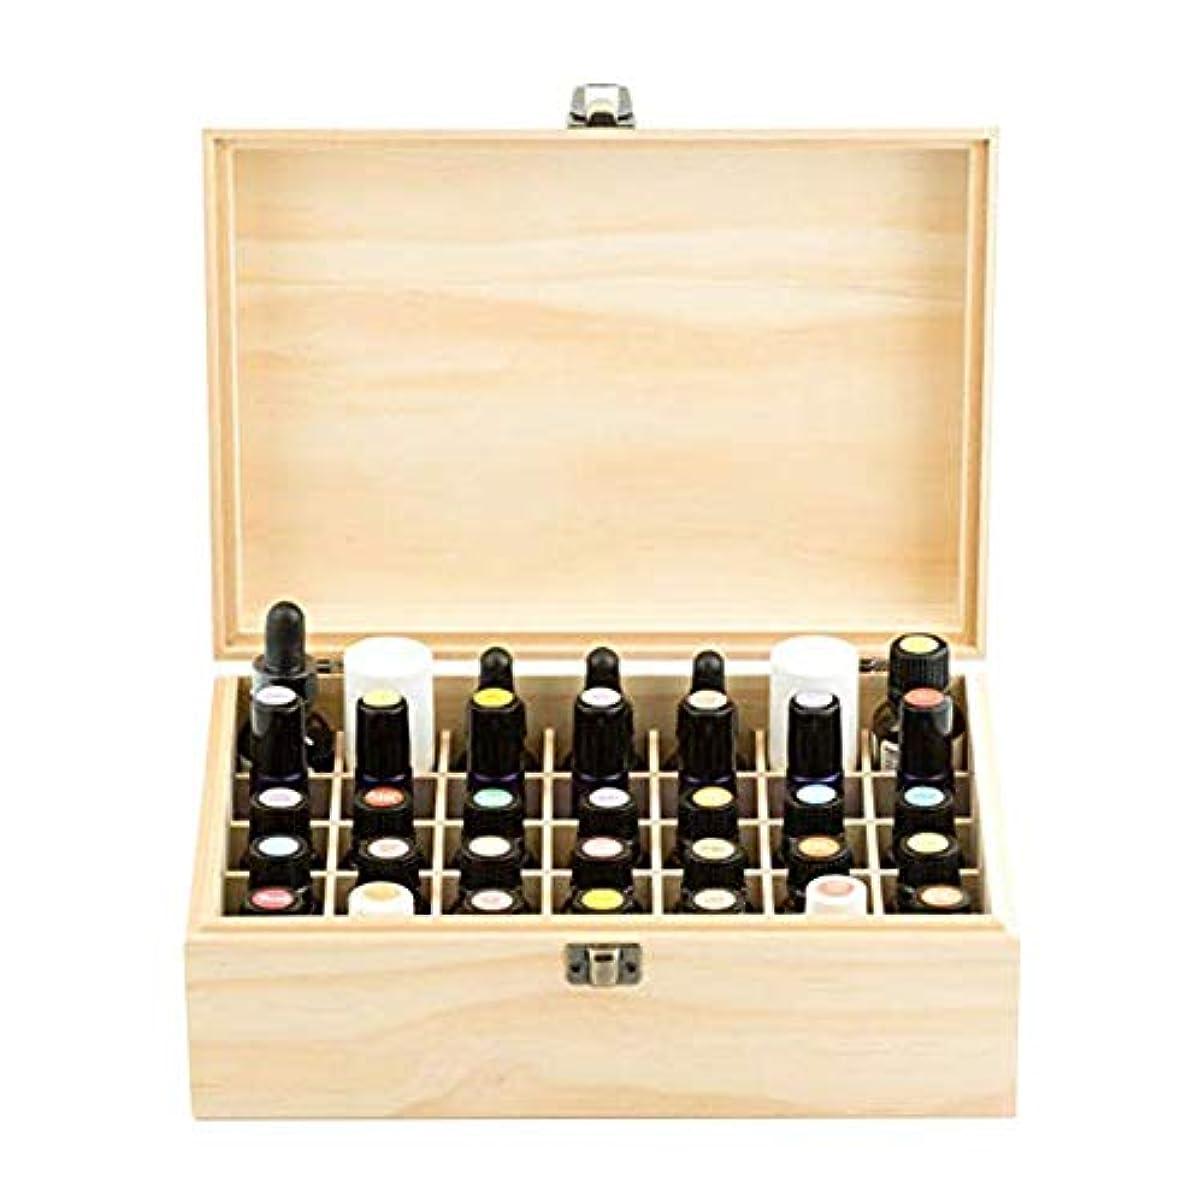 フィドル狂信者美しい精油収納ケース エッセンシャルオイル収納ボックス 木製 コンパートメント木箱 35本入り 5ml?10ml?15mlのボルトに適用 junexi